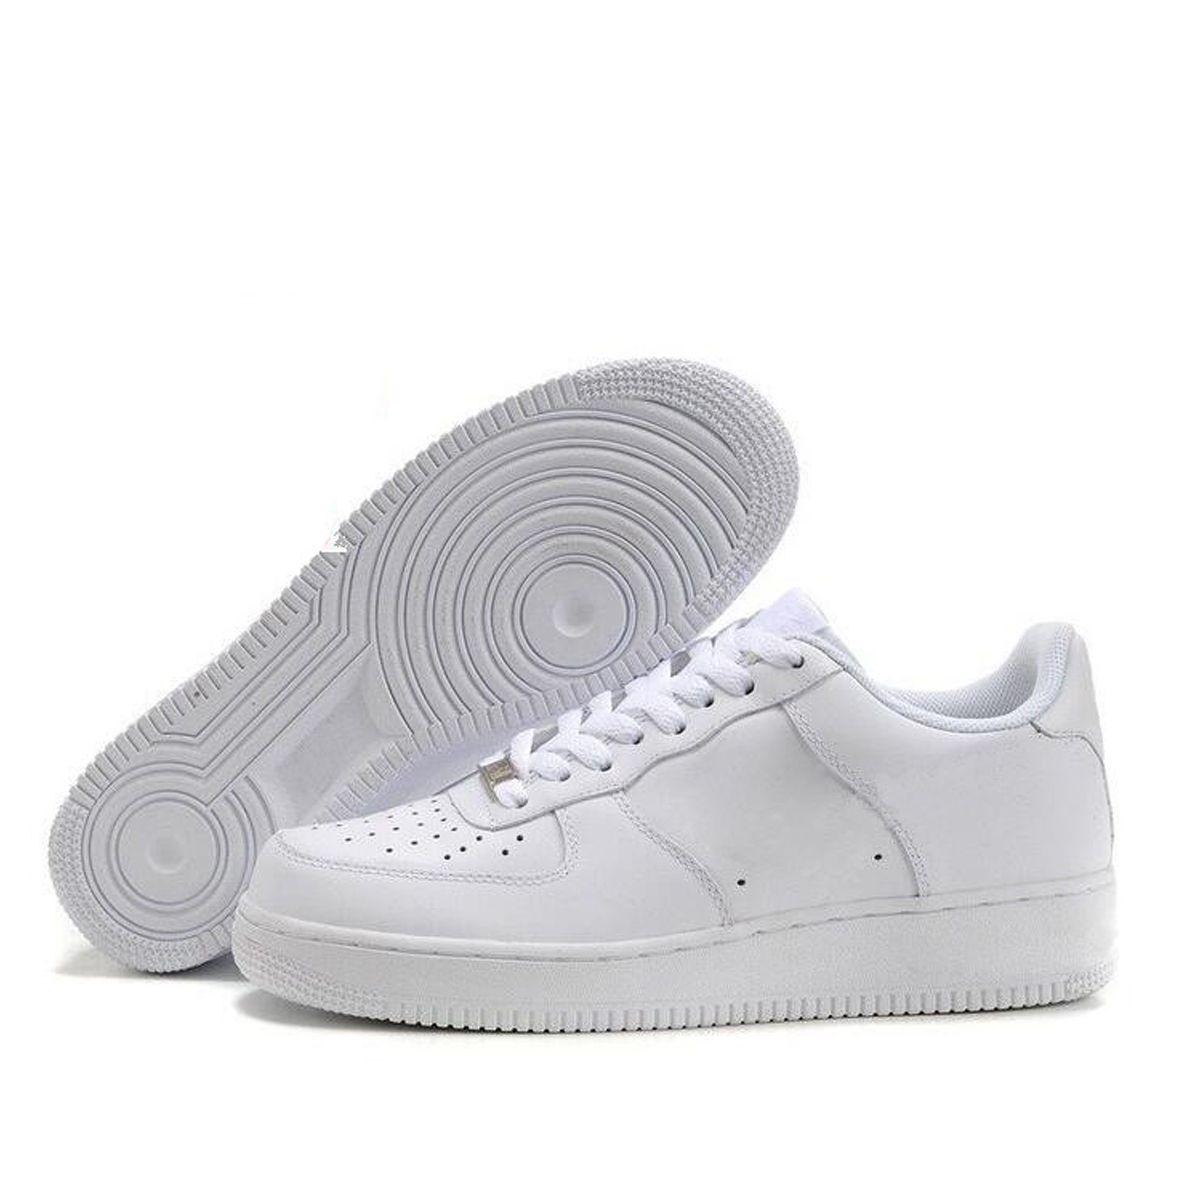 Nike Air Force One Designer Um 1 Dunk Das Mulheres Dos Homens Flyline Tênis de Corrida Esportes Skateboarding Ones Sapatos de Alta Low Cut Preto